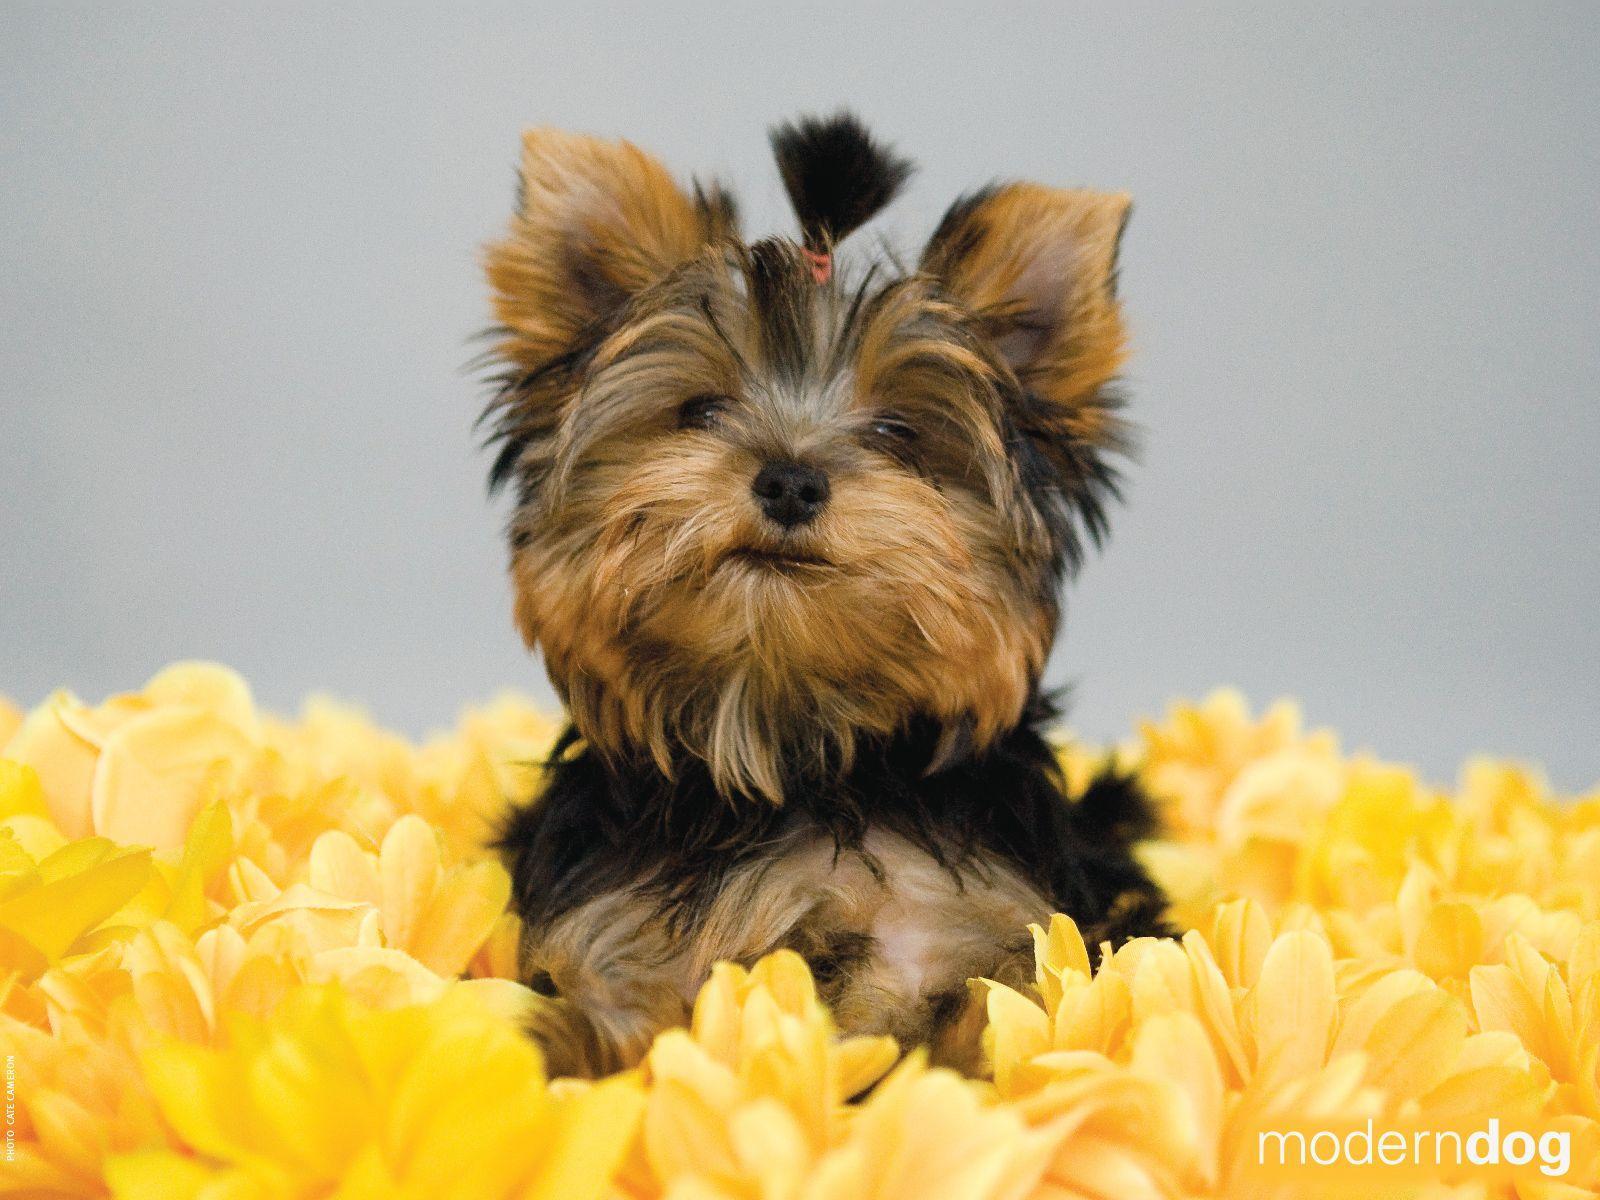 1600x1200 Chó con!  Hình nền con chó hiện đại miễn phí.  Tạp chí Chó hiện đại